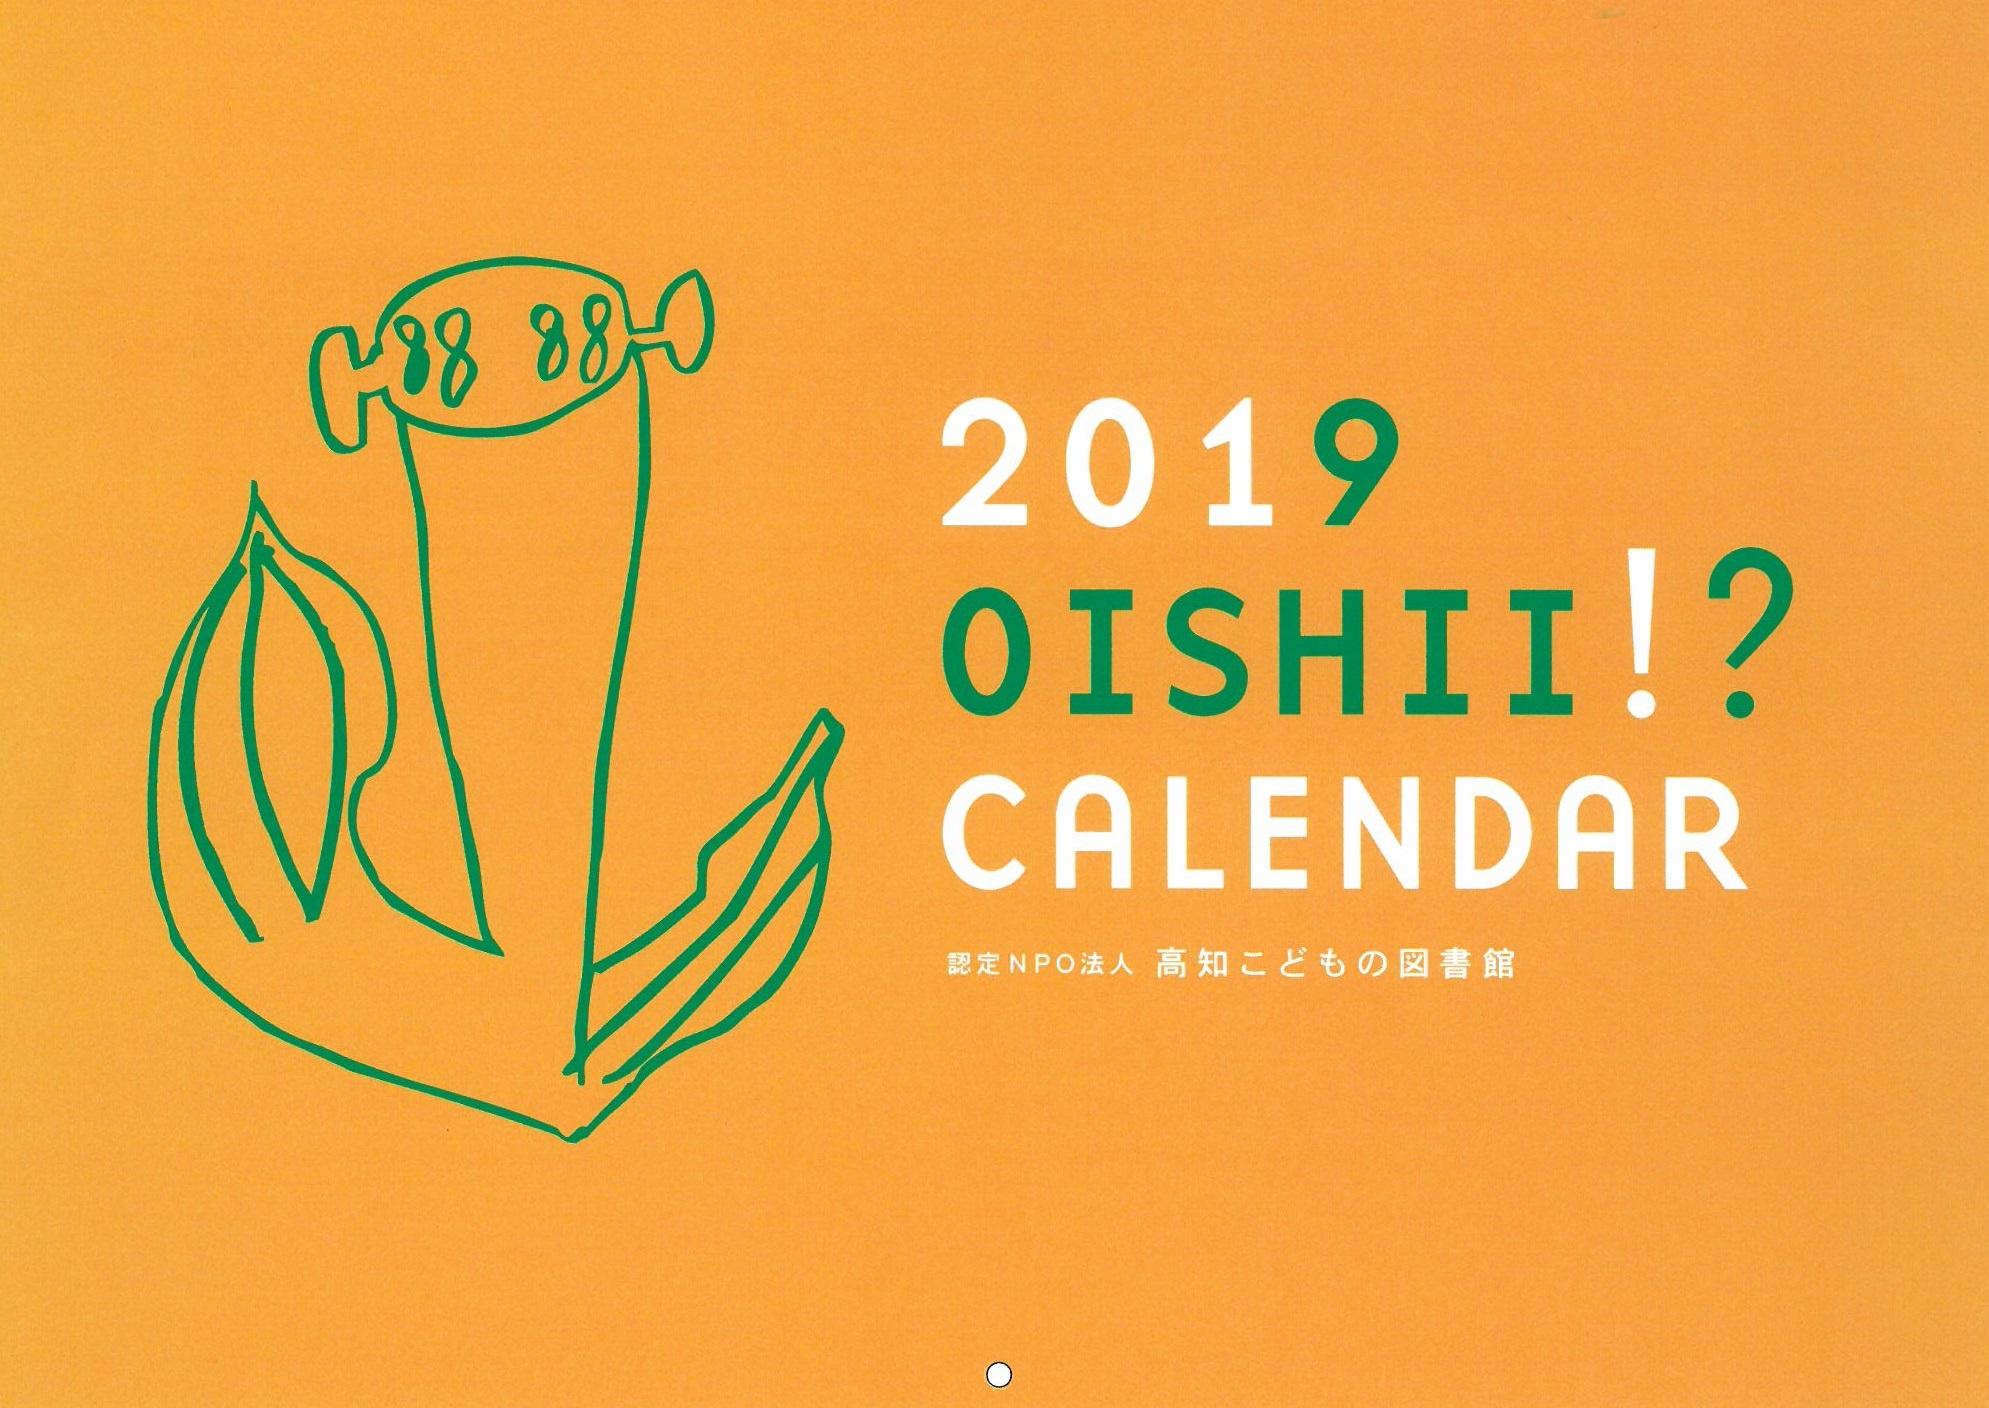 高知こどもの図書館カレンダー2019